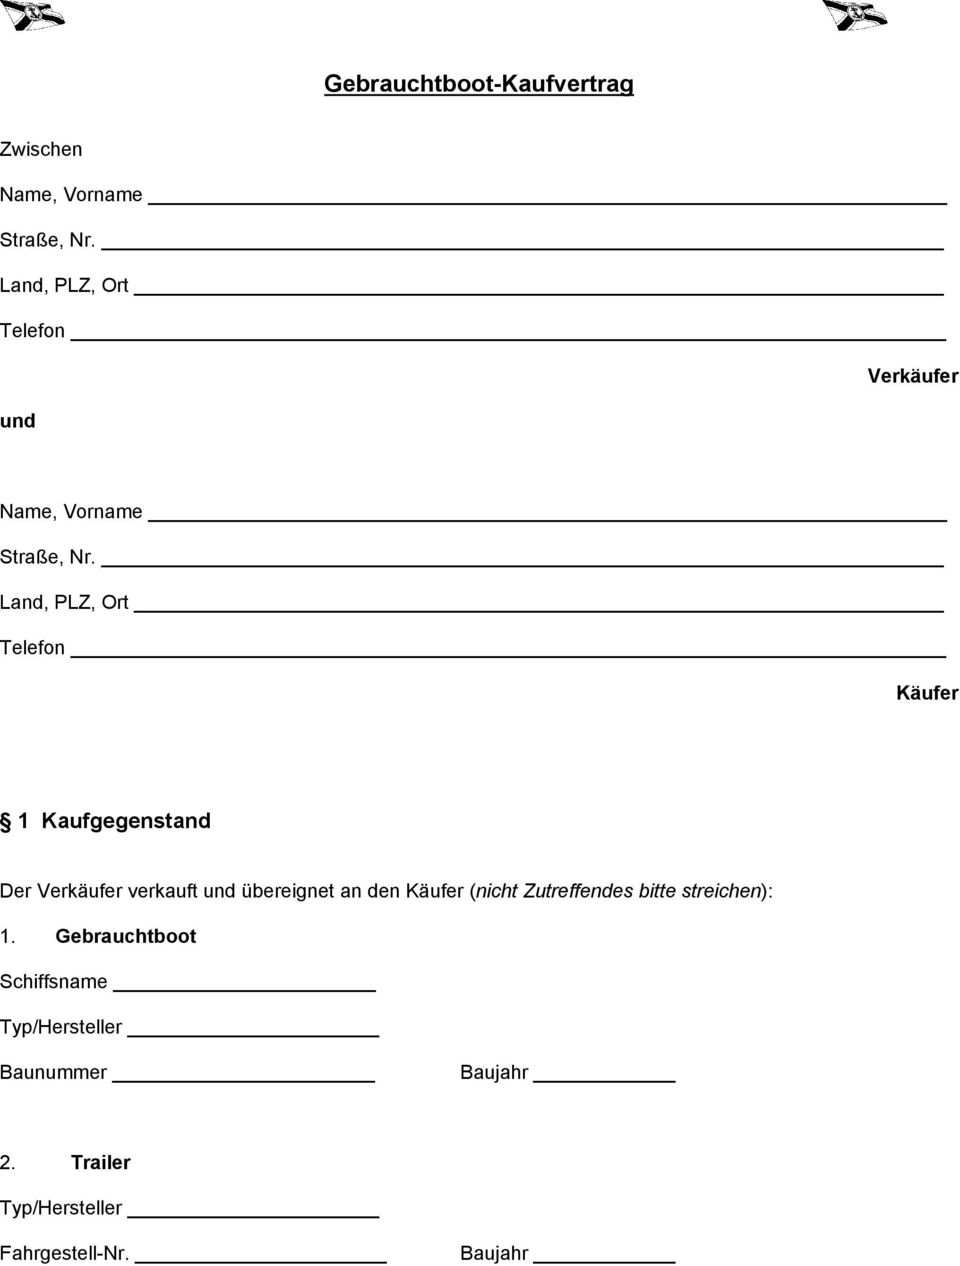 Musterkaufvertrag Fur Gebrauchtboote Pdf Kostenfreier Download